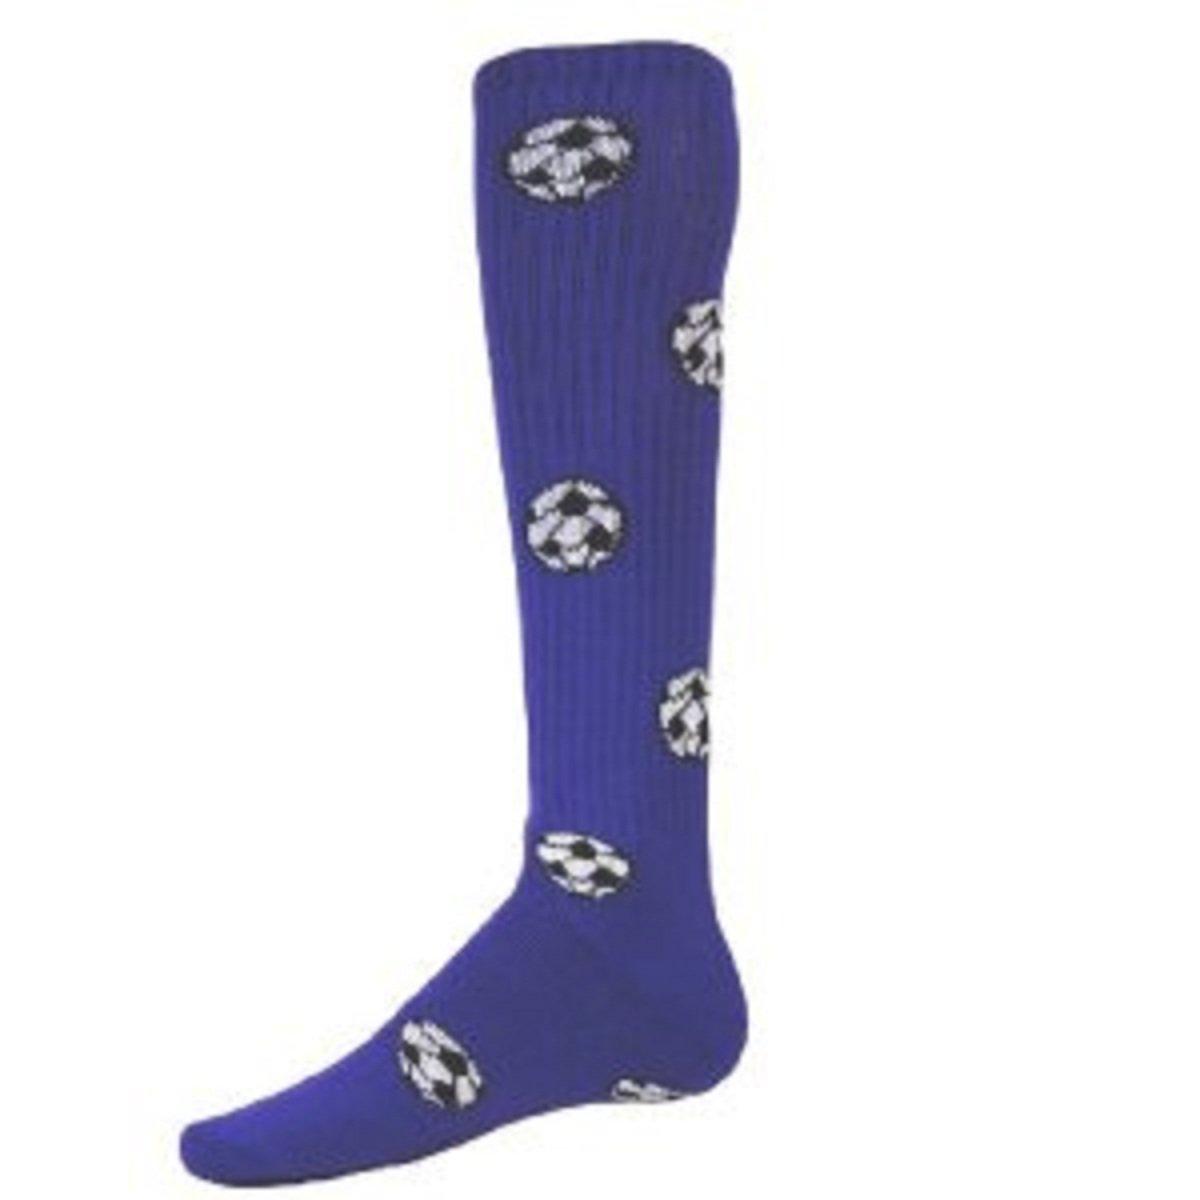 Red Lion Socks サッカーボール柄アスレチックソックス B008EMEI1S Medium|ゴールド ゴールド Medium